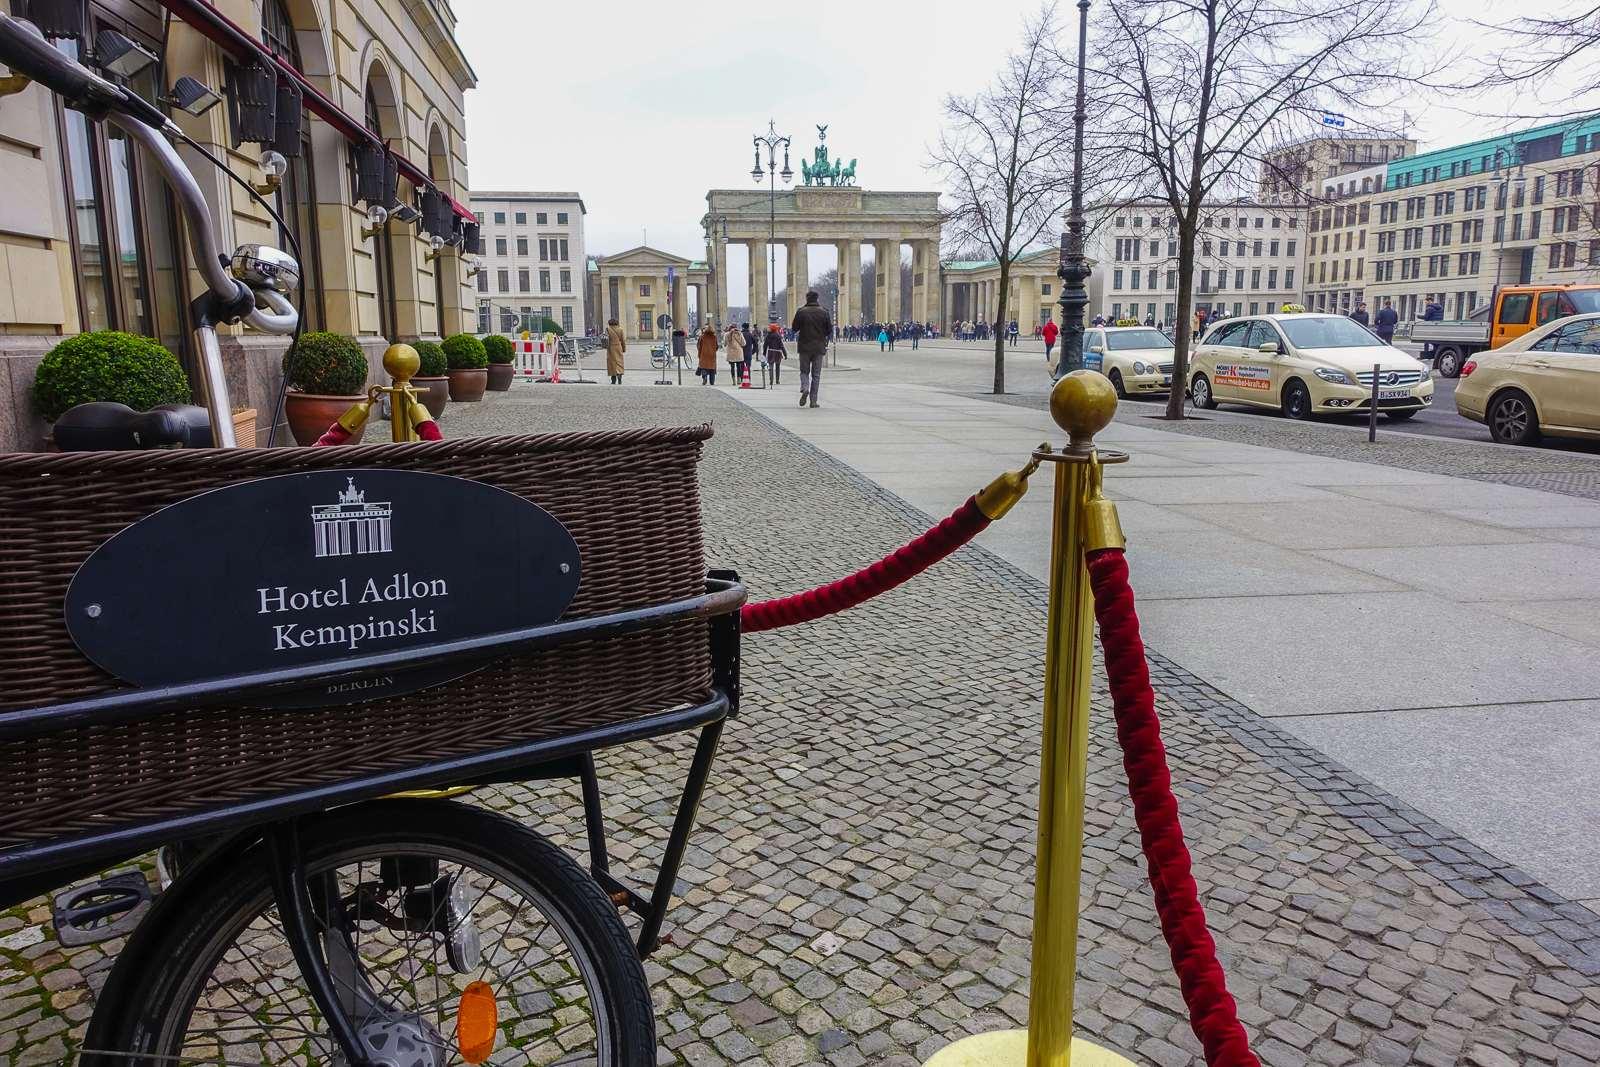 دليل سياحي ونصائح لزيارة برلين عاصمة ألمانيا Berlin أحمد ممدوح كوم